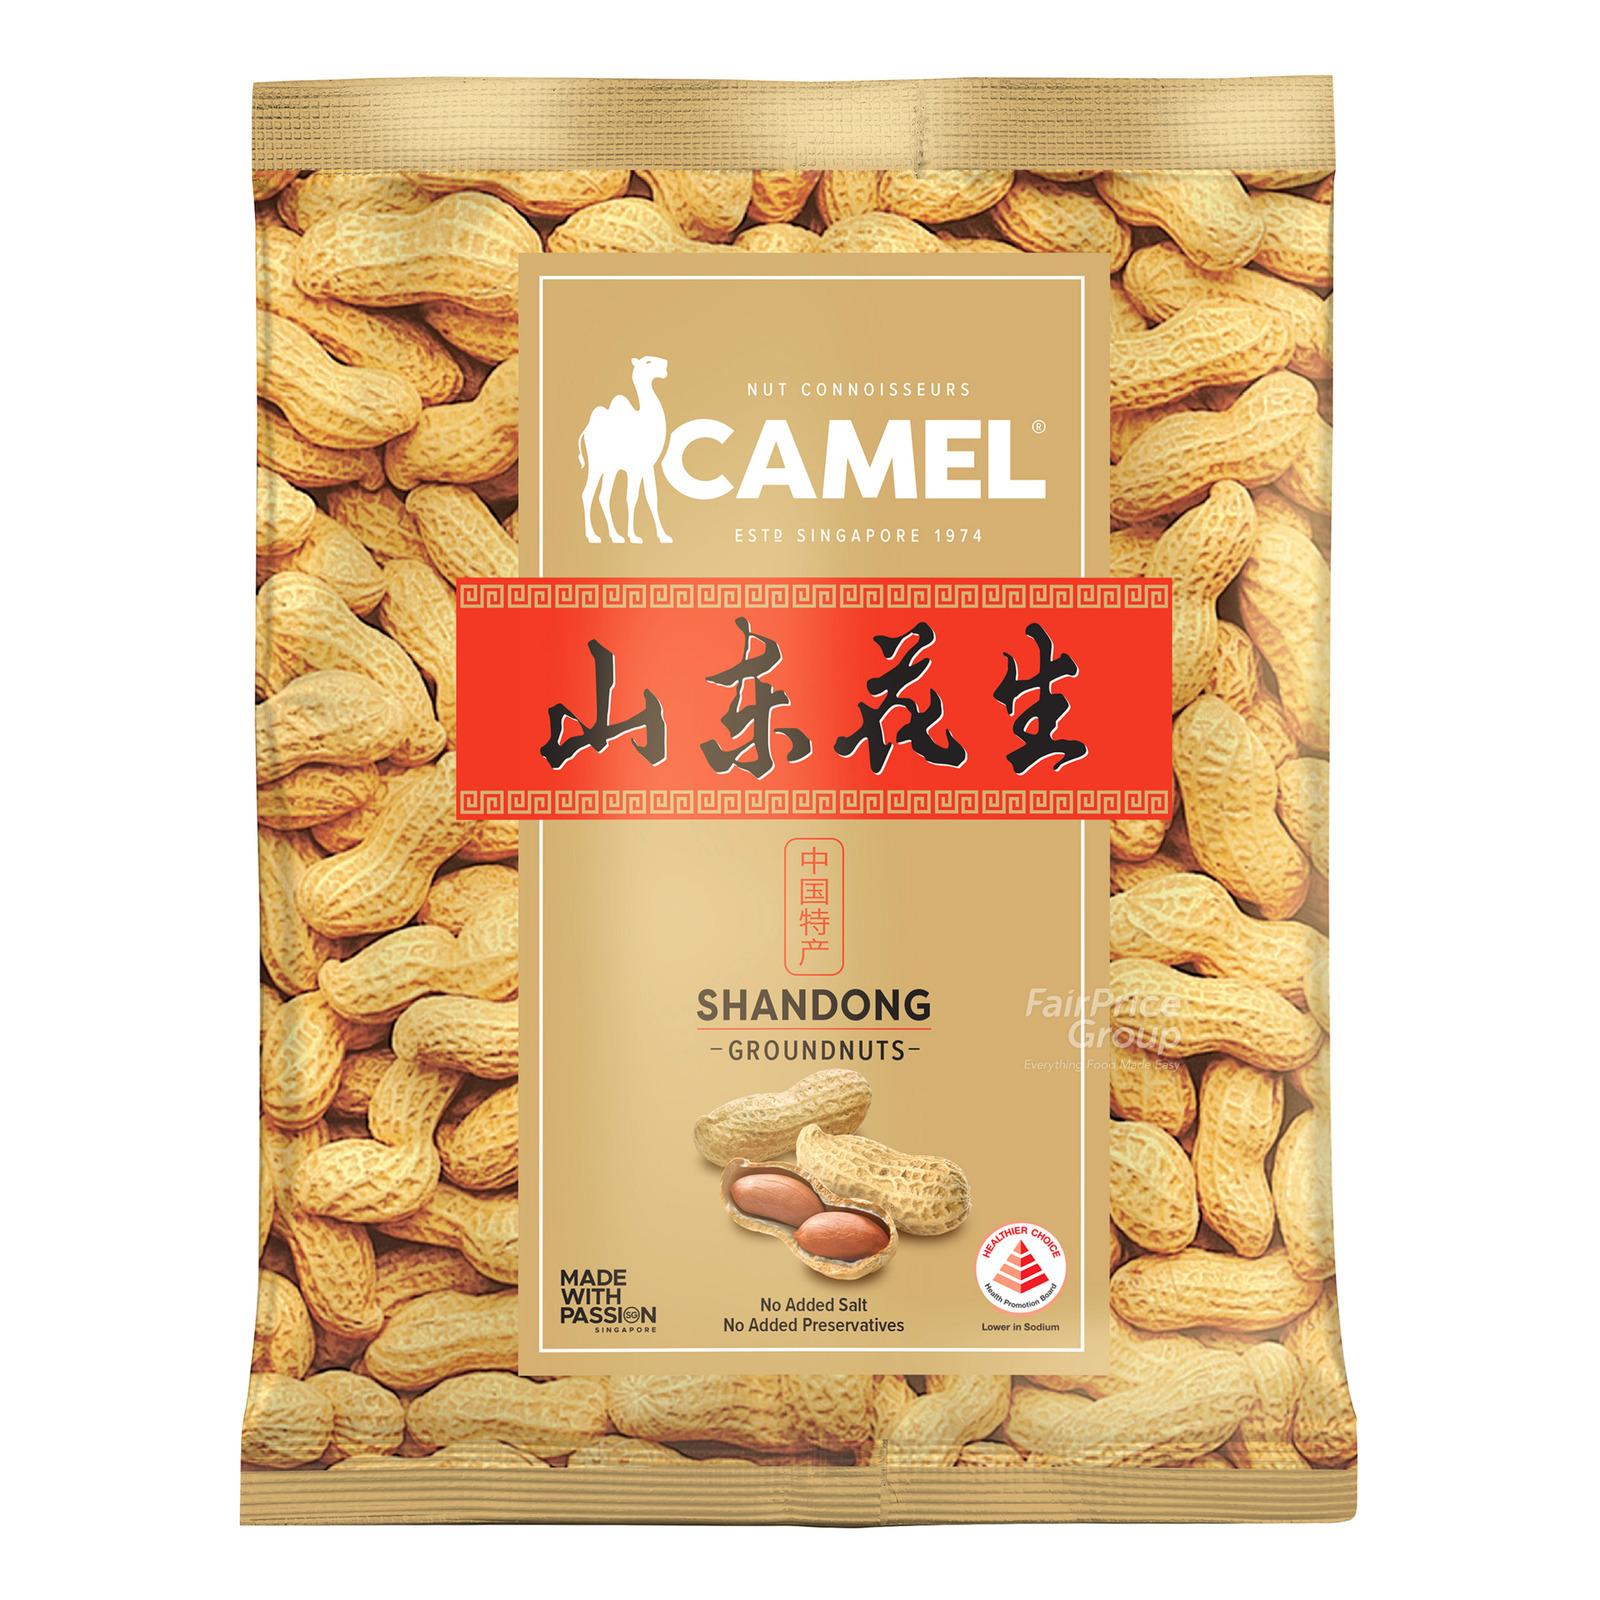 Camel Shandong Groundnuts